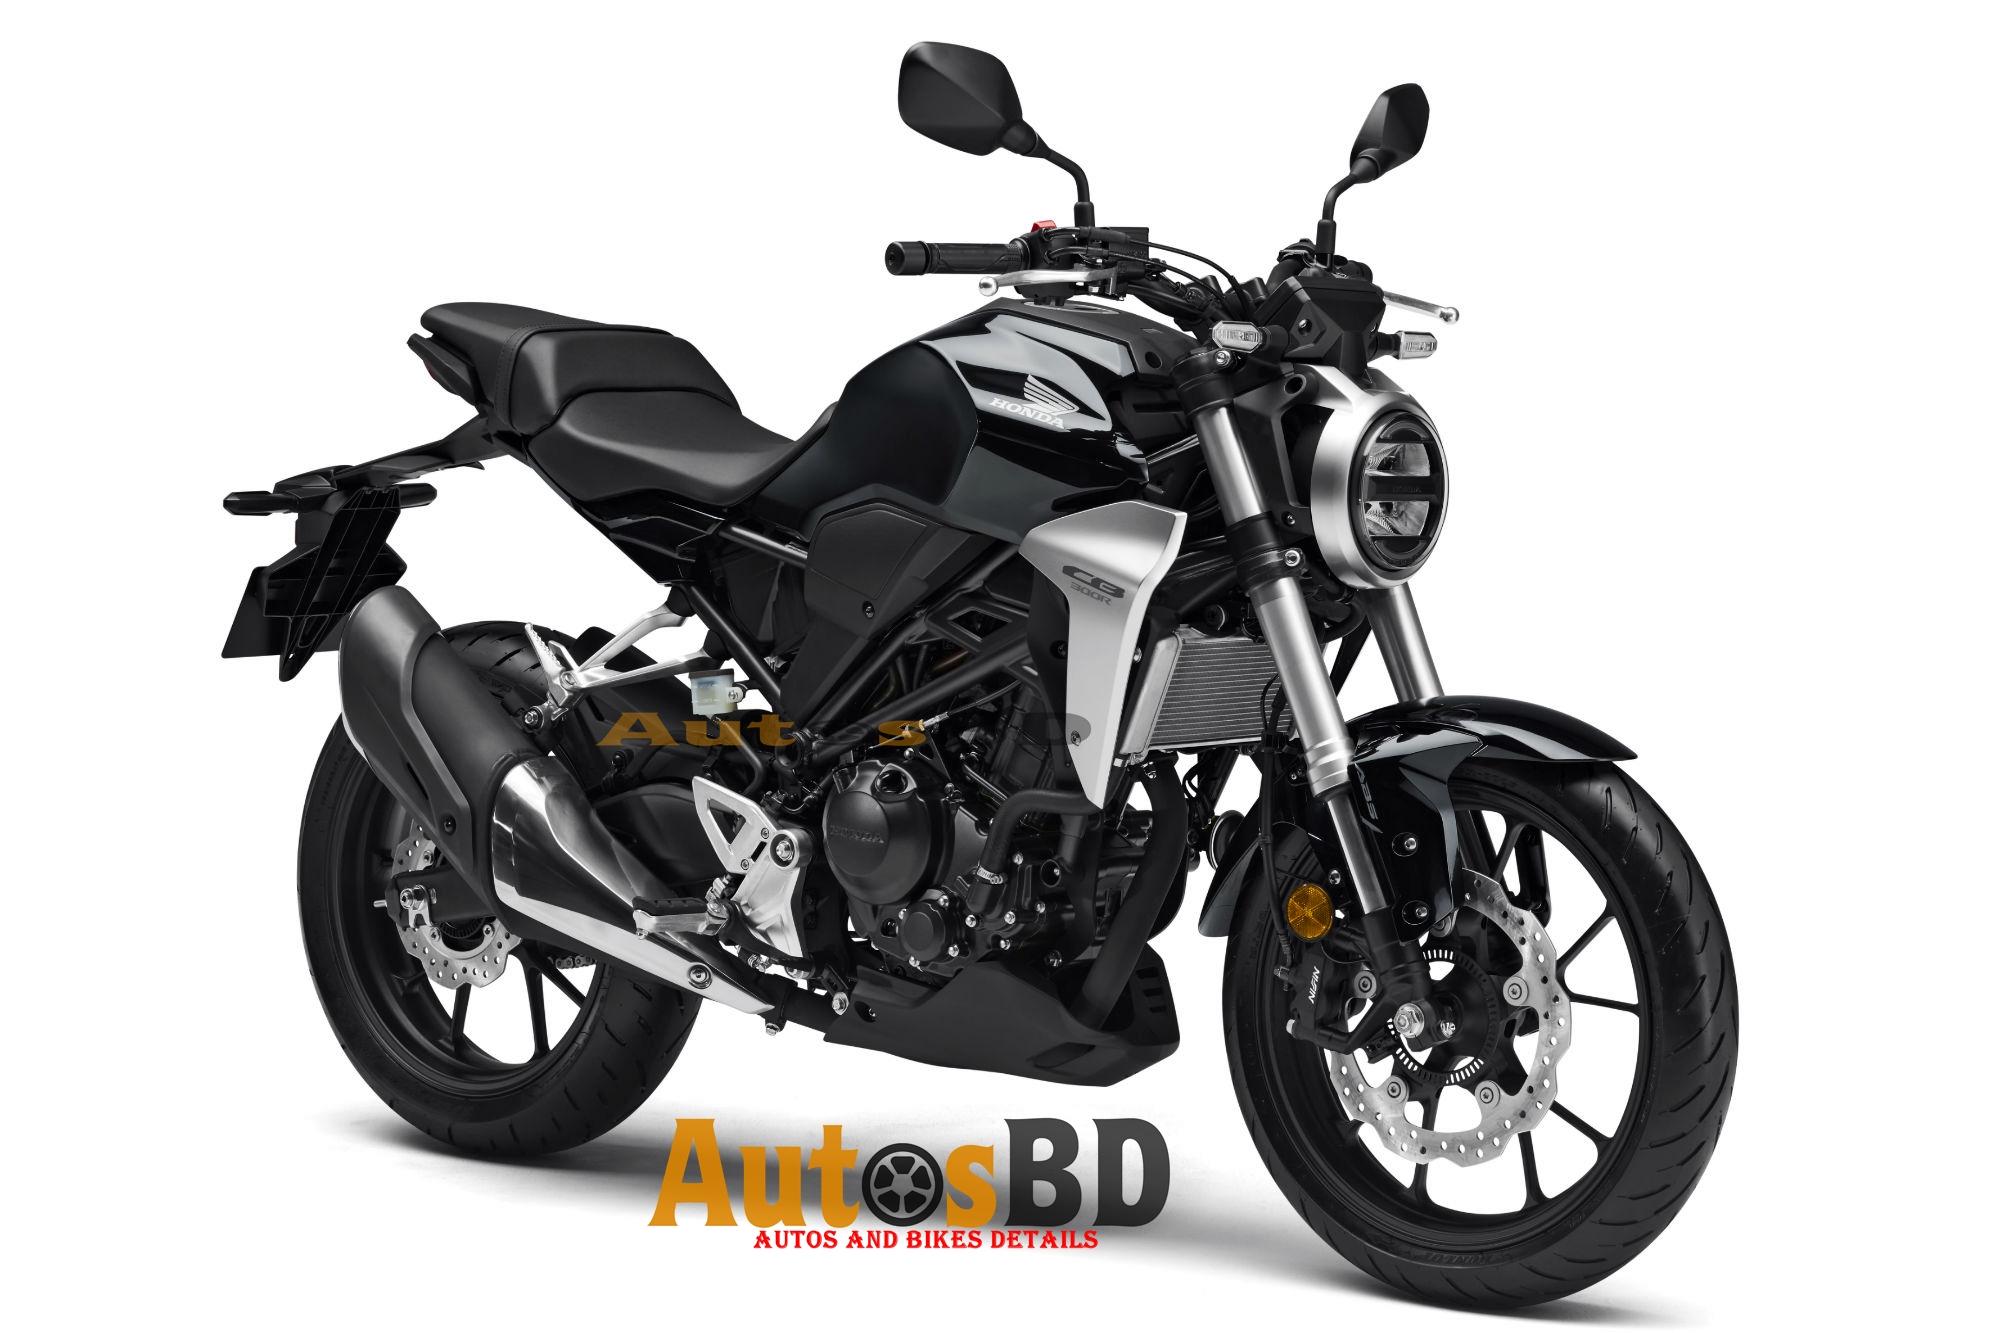 Honda CB300R Motorcycle Price in India